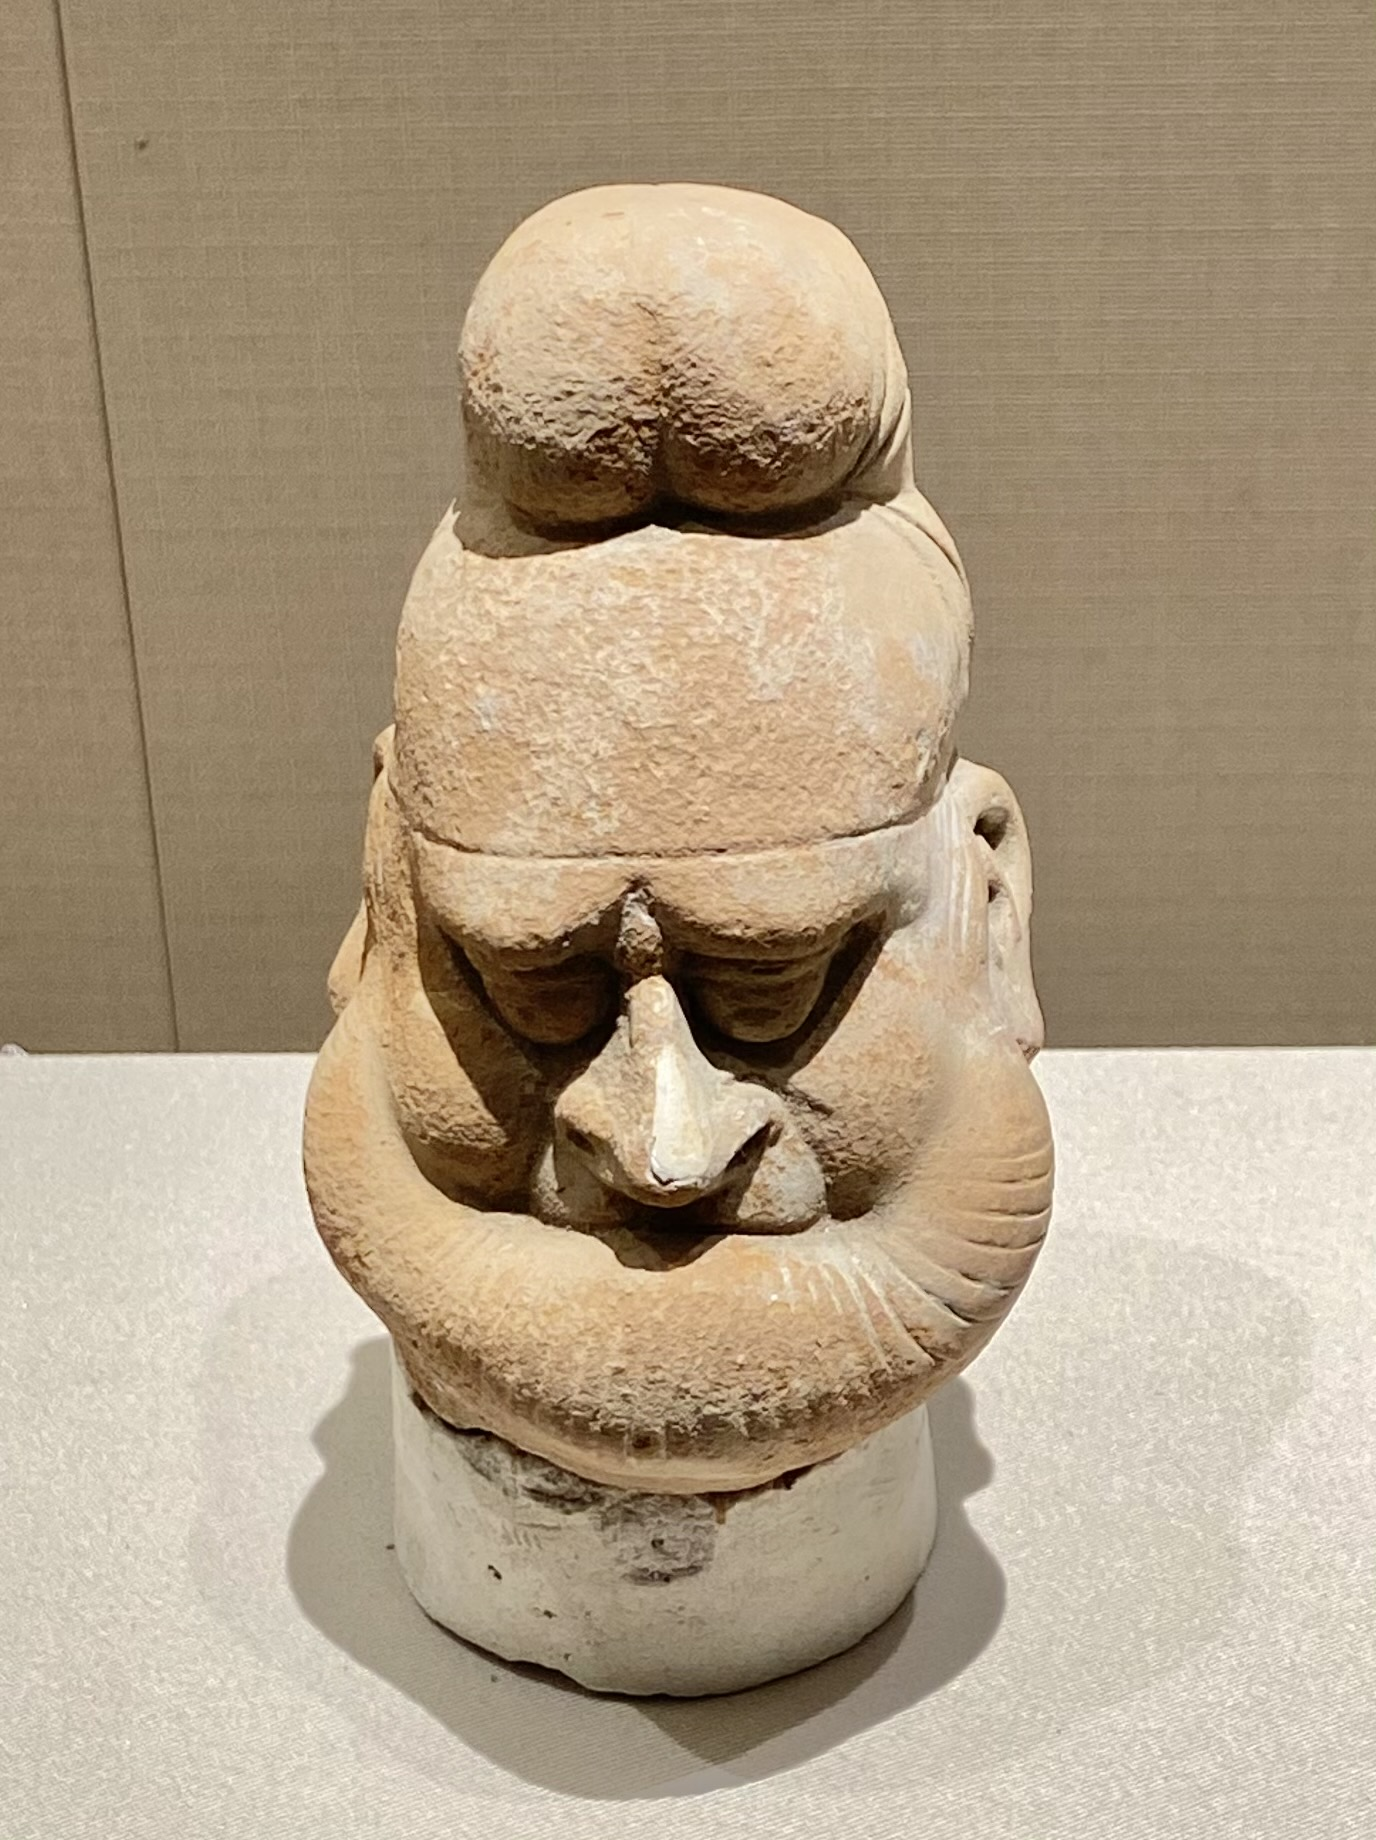 彩絵陶男俑頭-唐時代-巡回特別展【天歌長歌-唐蕃古道】-四川博物館